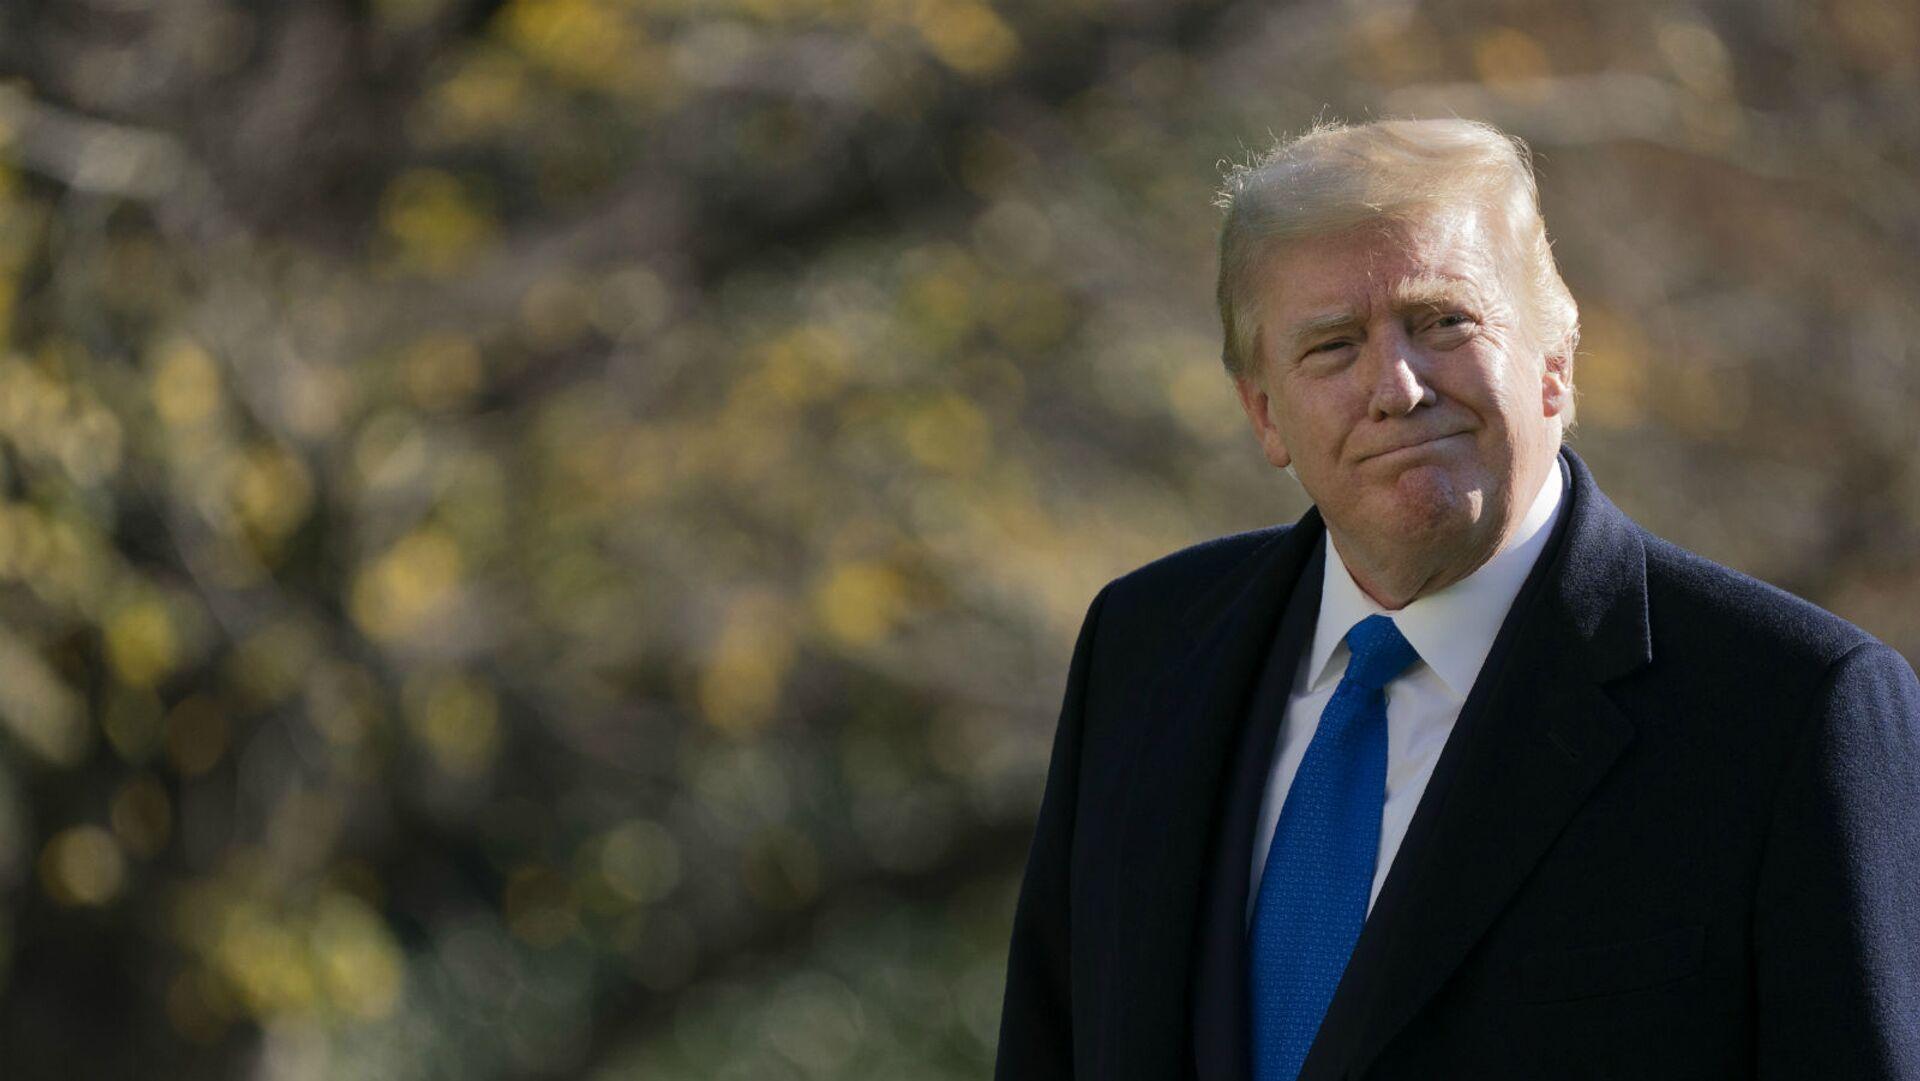 Президент США Дональд Трамп гуляет по южной лужайке Белого дома (29 ноября 2020). Вашингтон - Sputnik Армения, 1920, 12.10.2021